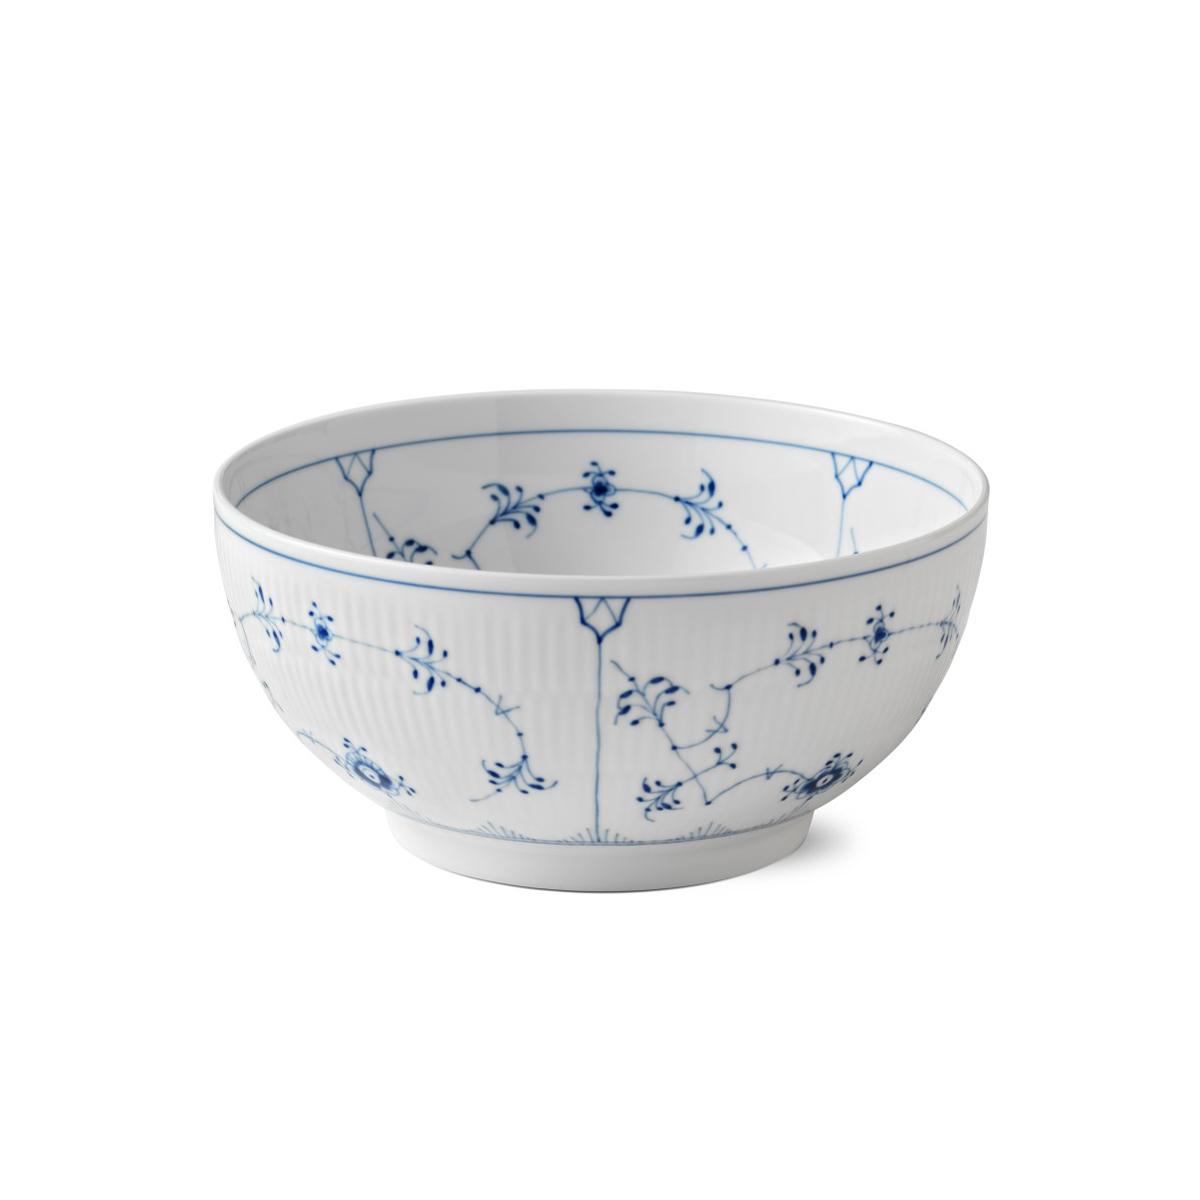 Royal Copenhagen, Blue Fluted Plain Bowl 3.25 Qt